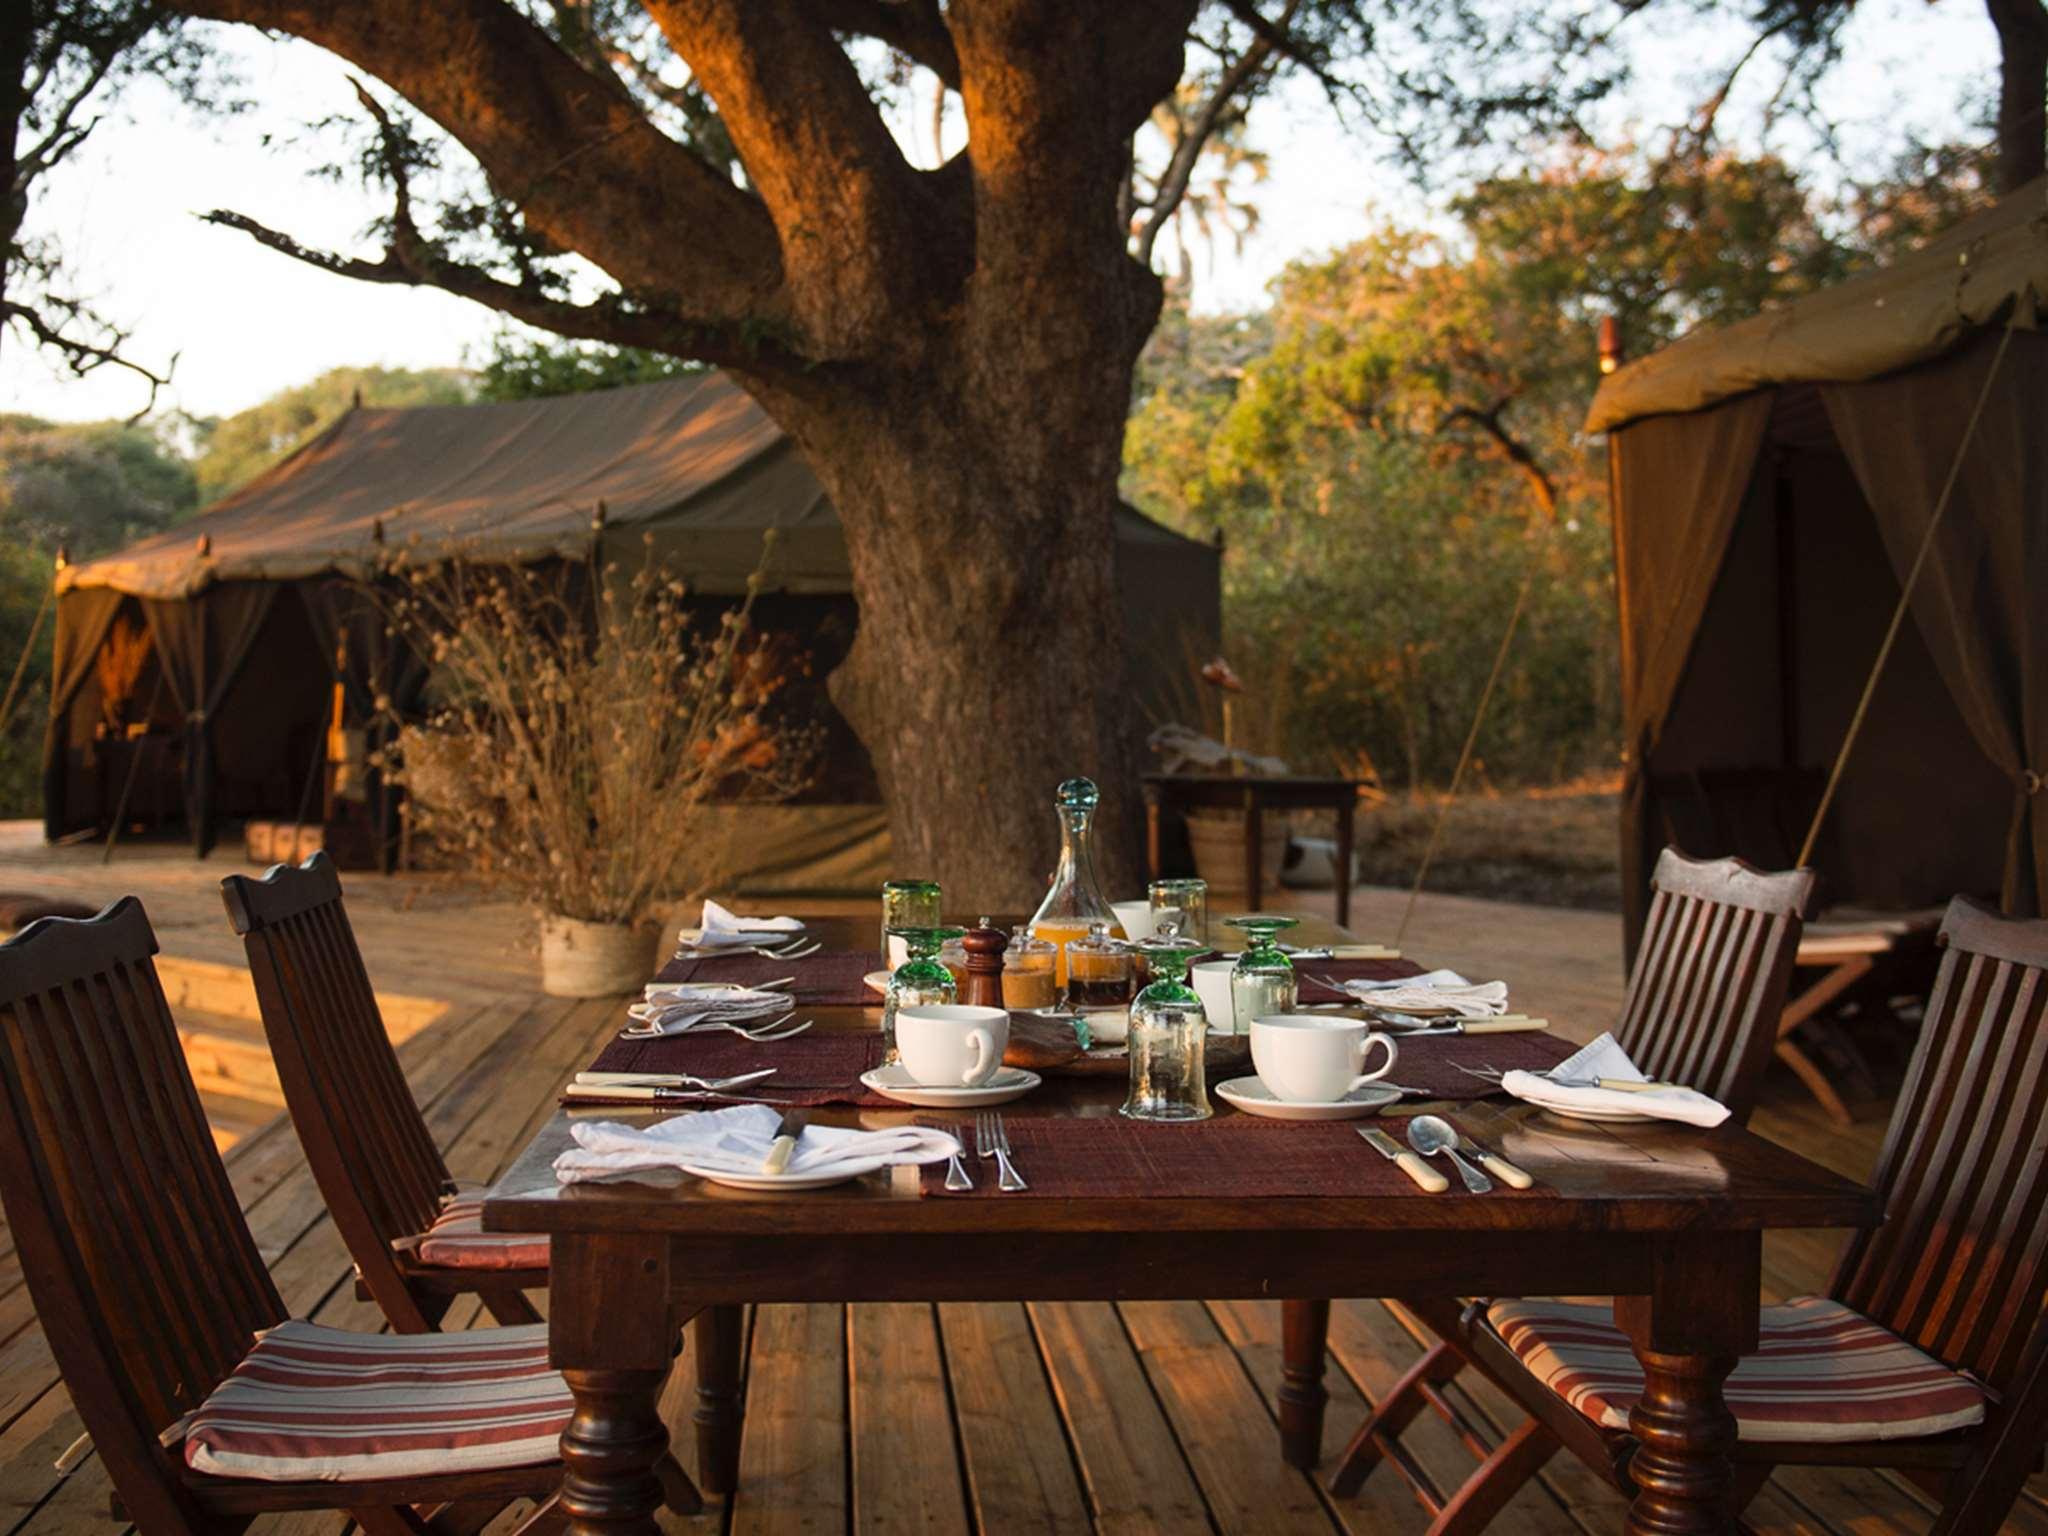 Chada Camp dining al fresco